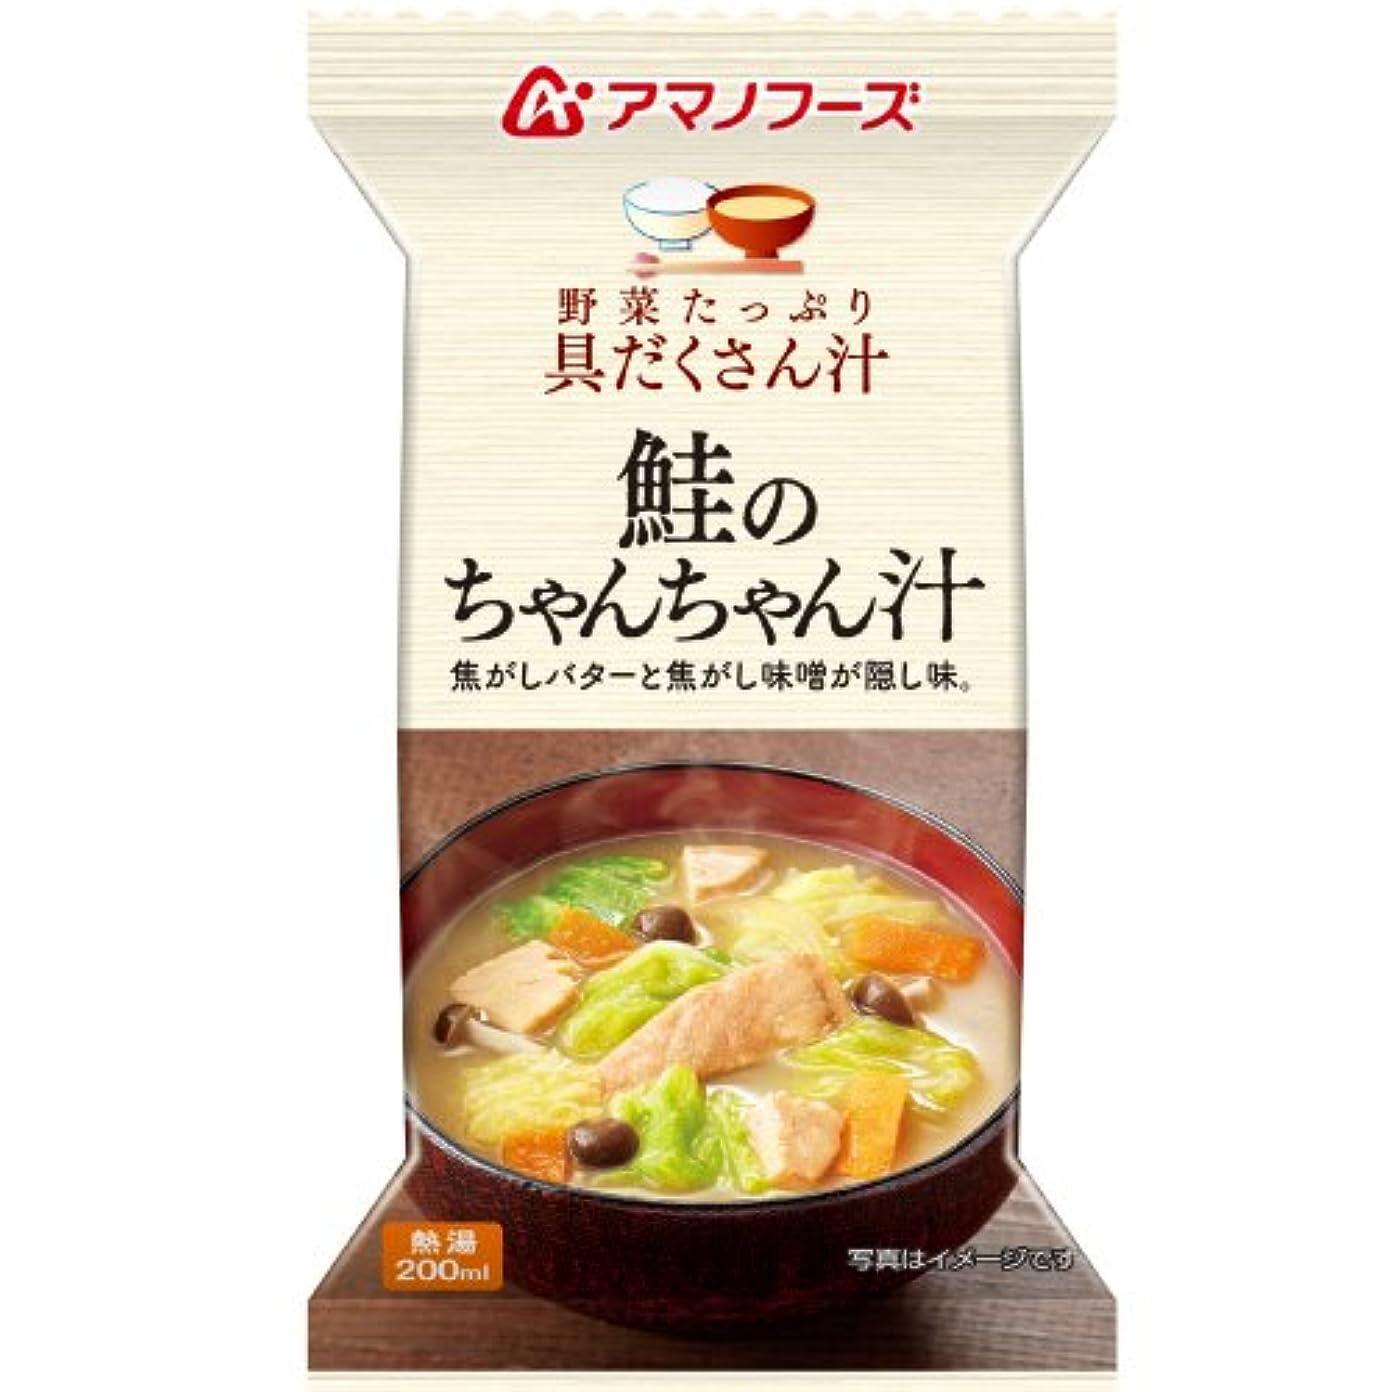 パズル処理パイアマノフーズ フリーズドライ 北海道 産 秋 鮭 使用 野菜 たっぷり 具だくさん汁 ( 鮭 の ちゃんちゃん汁 )4食 セット